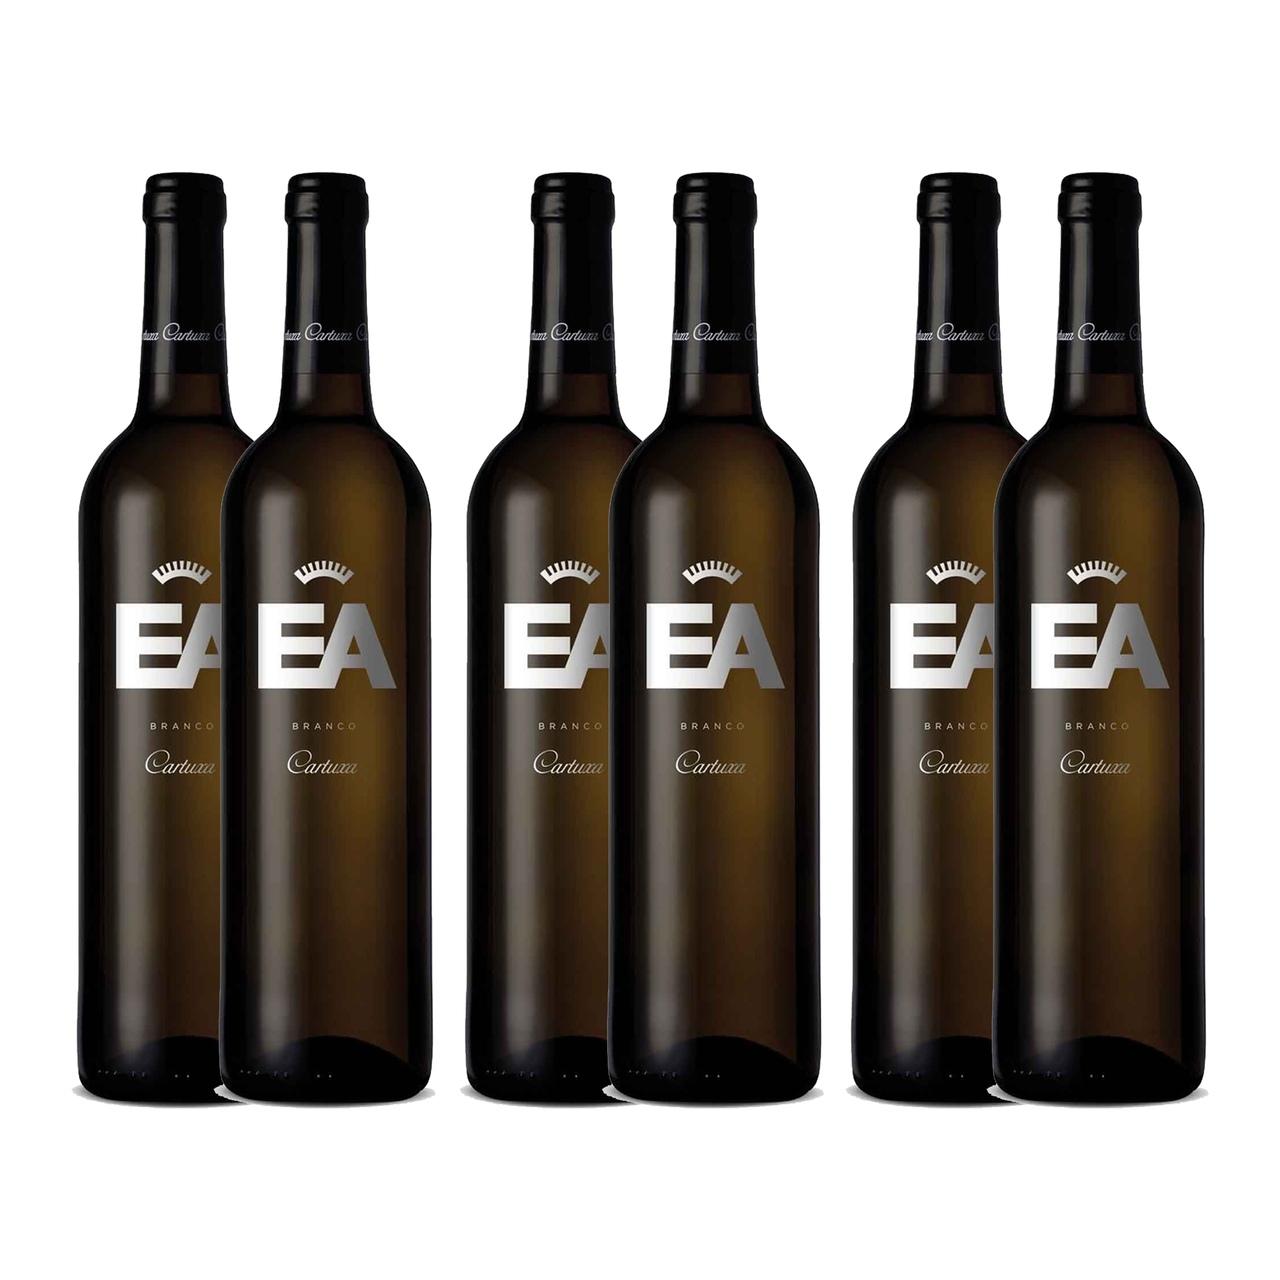 Kit 6x Vinho Branco Português EA Cartuxa 2019 750ml